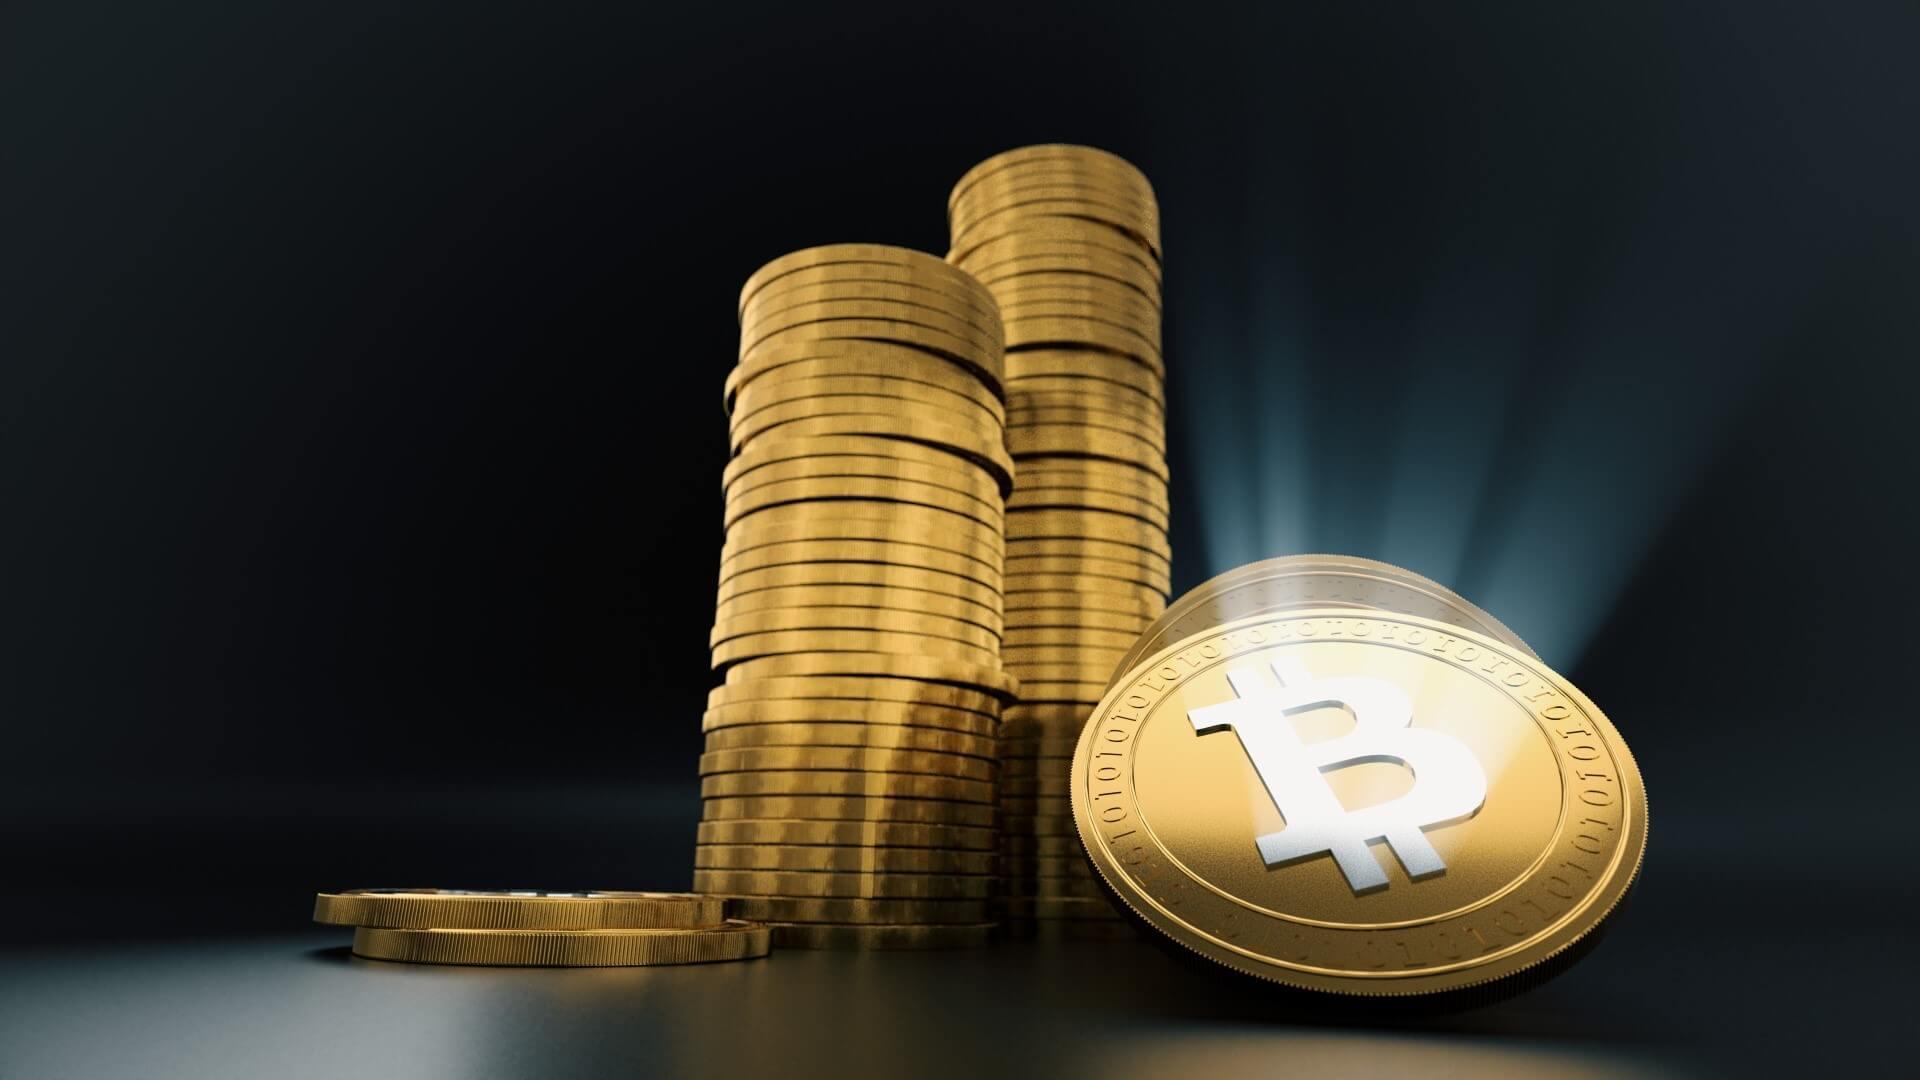 comment vendre des bitcoins